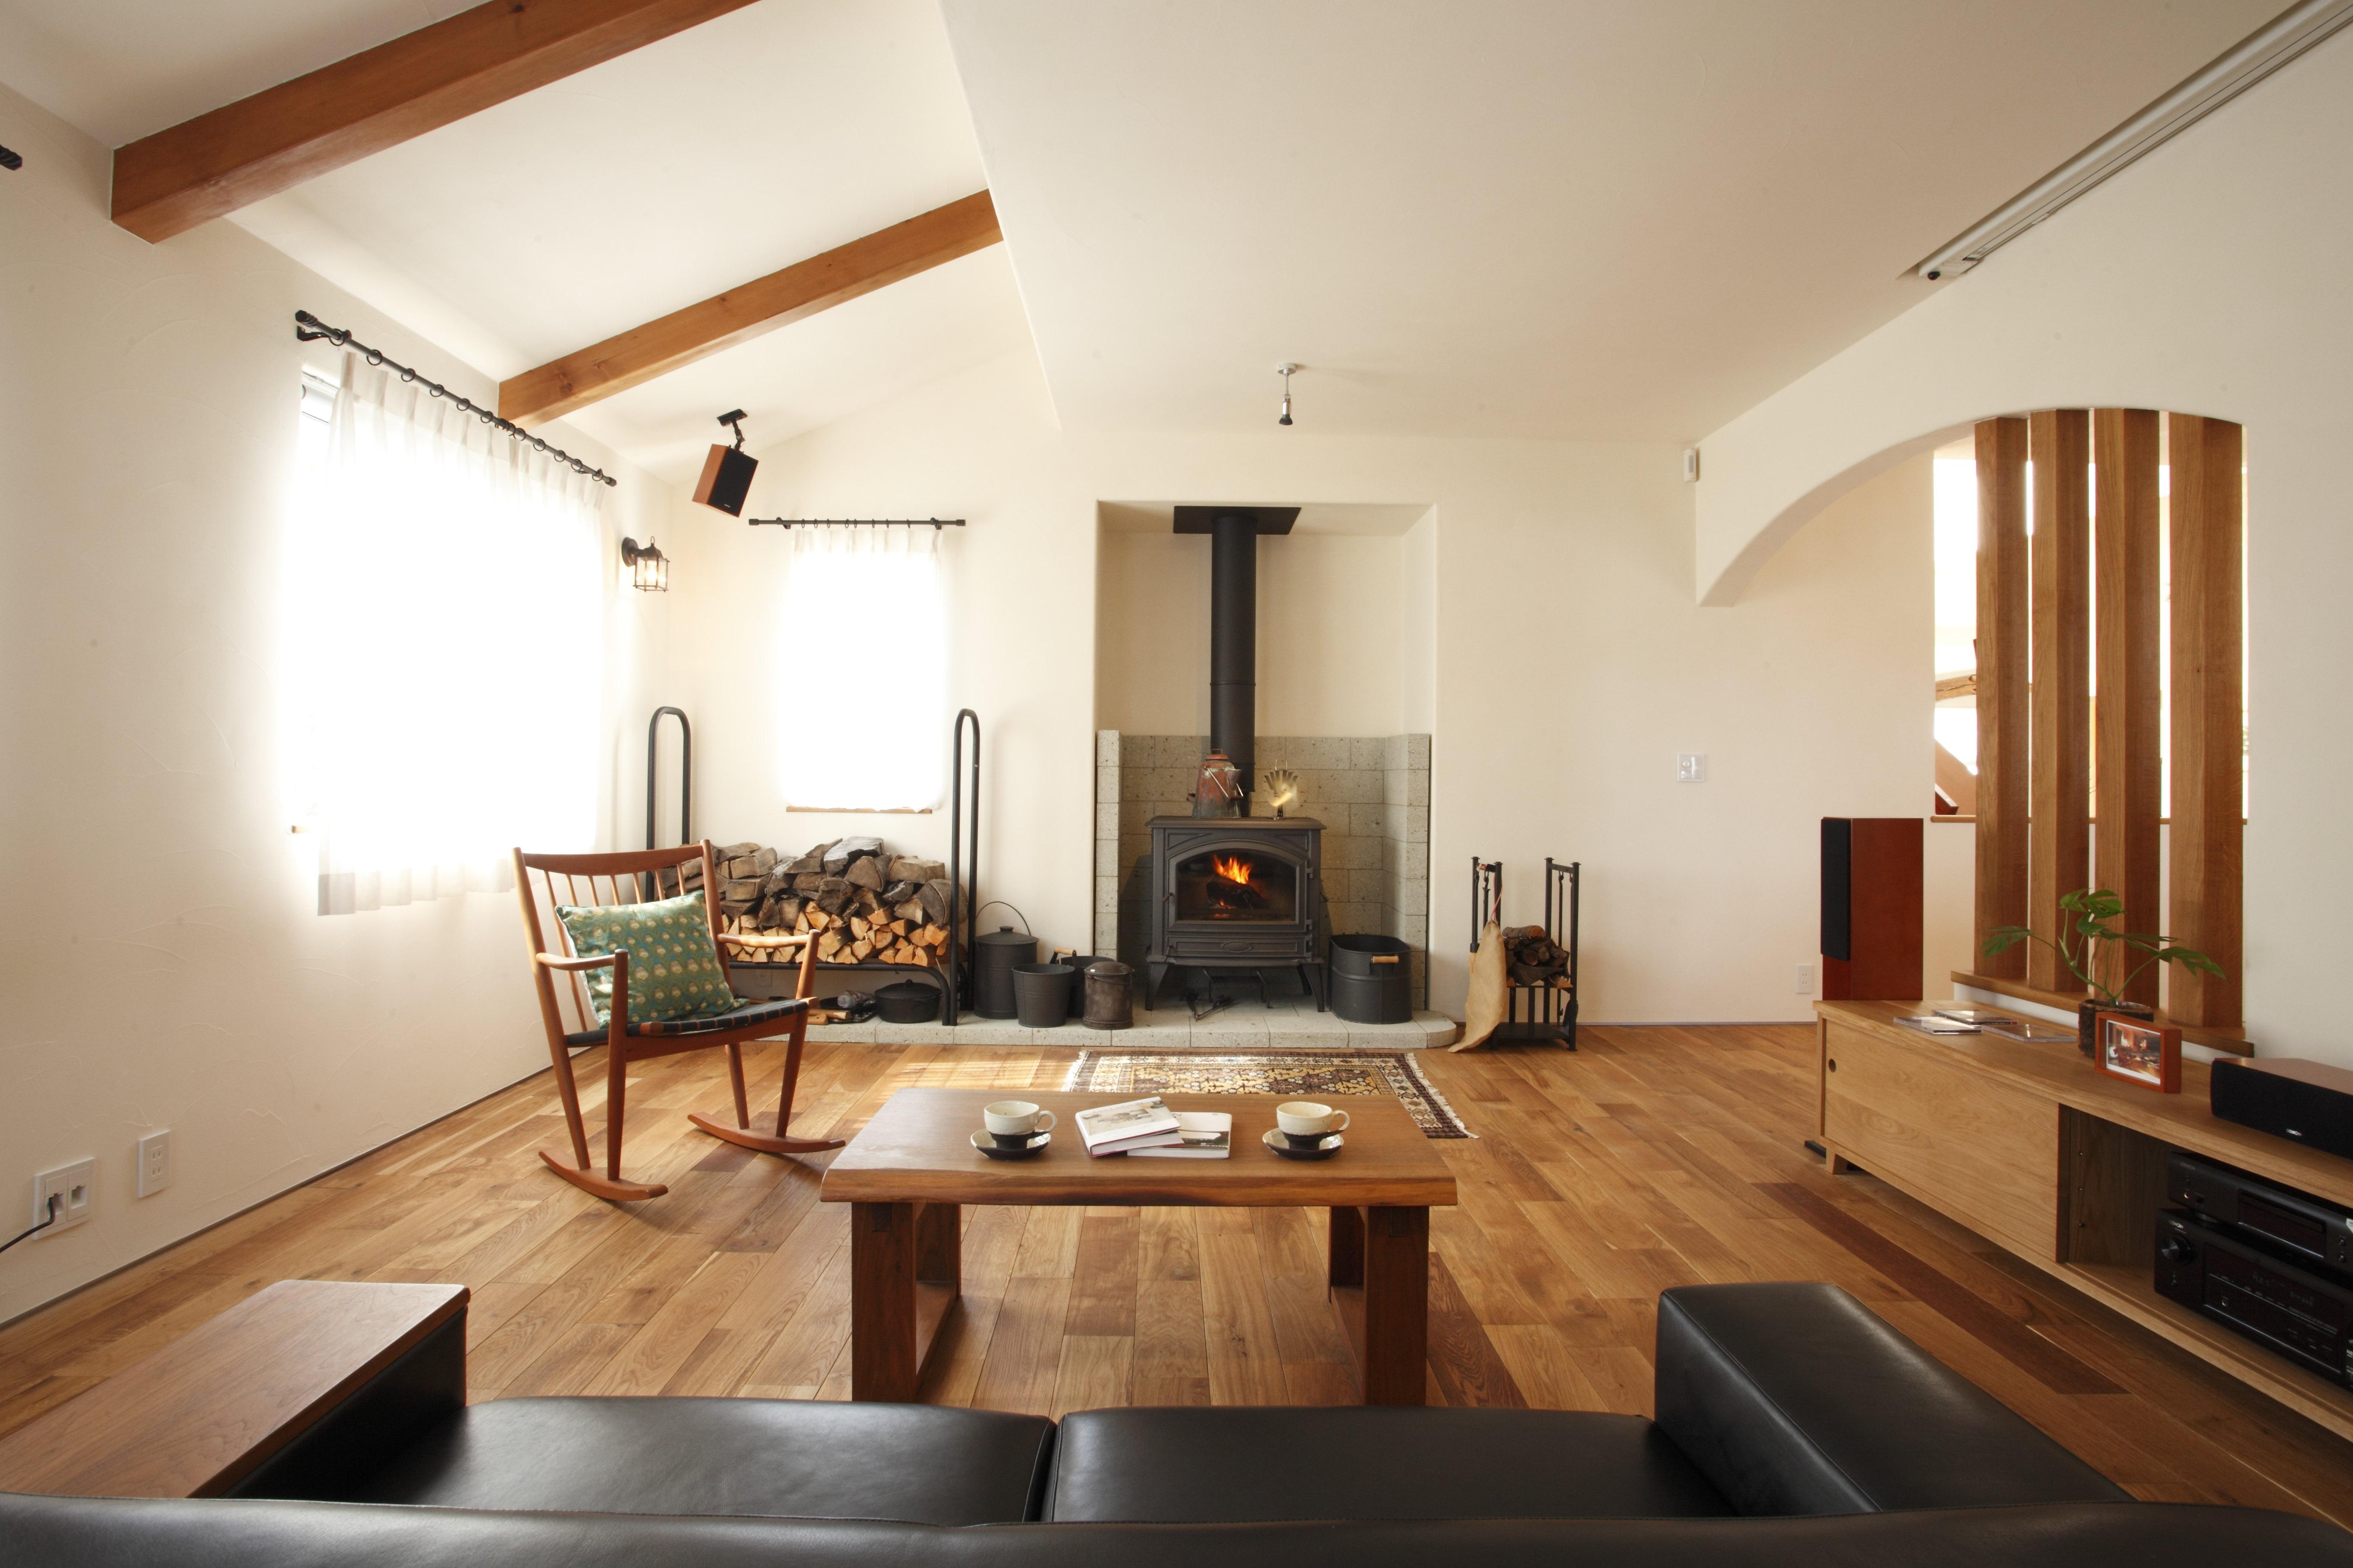 ヨーロッパの冬で思い出すのが、夜の薪ストーブの灯りで照らされる部屋。あえて窓を大きくせず、薪ストーブの炎と音が安らぎの場を創出します。薪ストーブは冬期の間、土日に実際に火を入れてお迎えいたします。ご主人の憧れるホームシアターと音響設備も整えています。